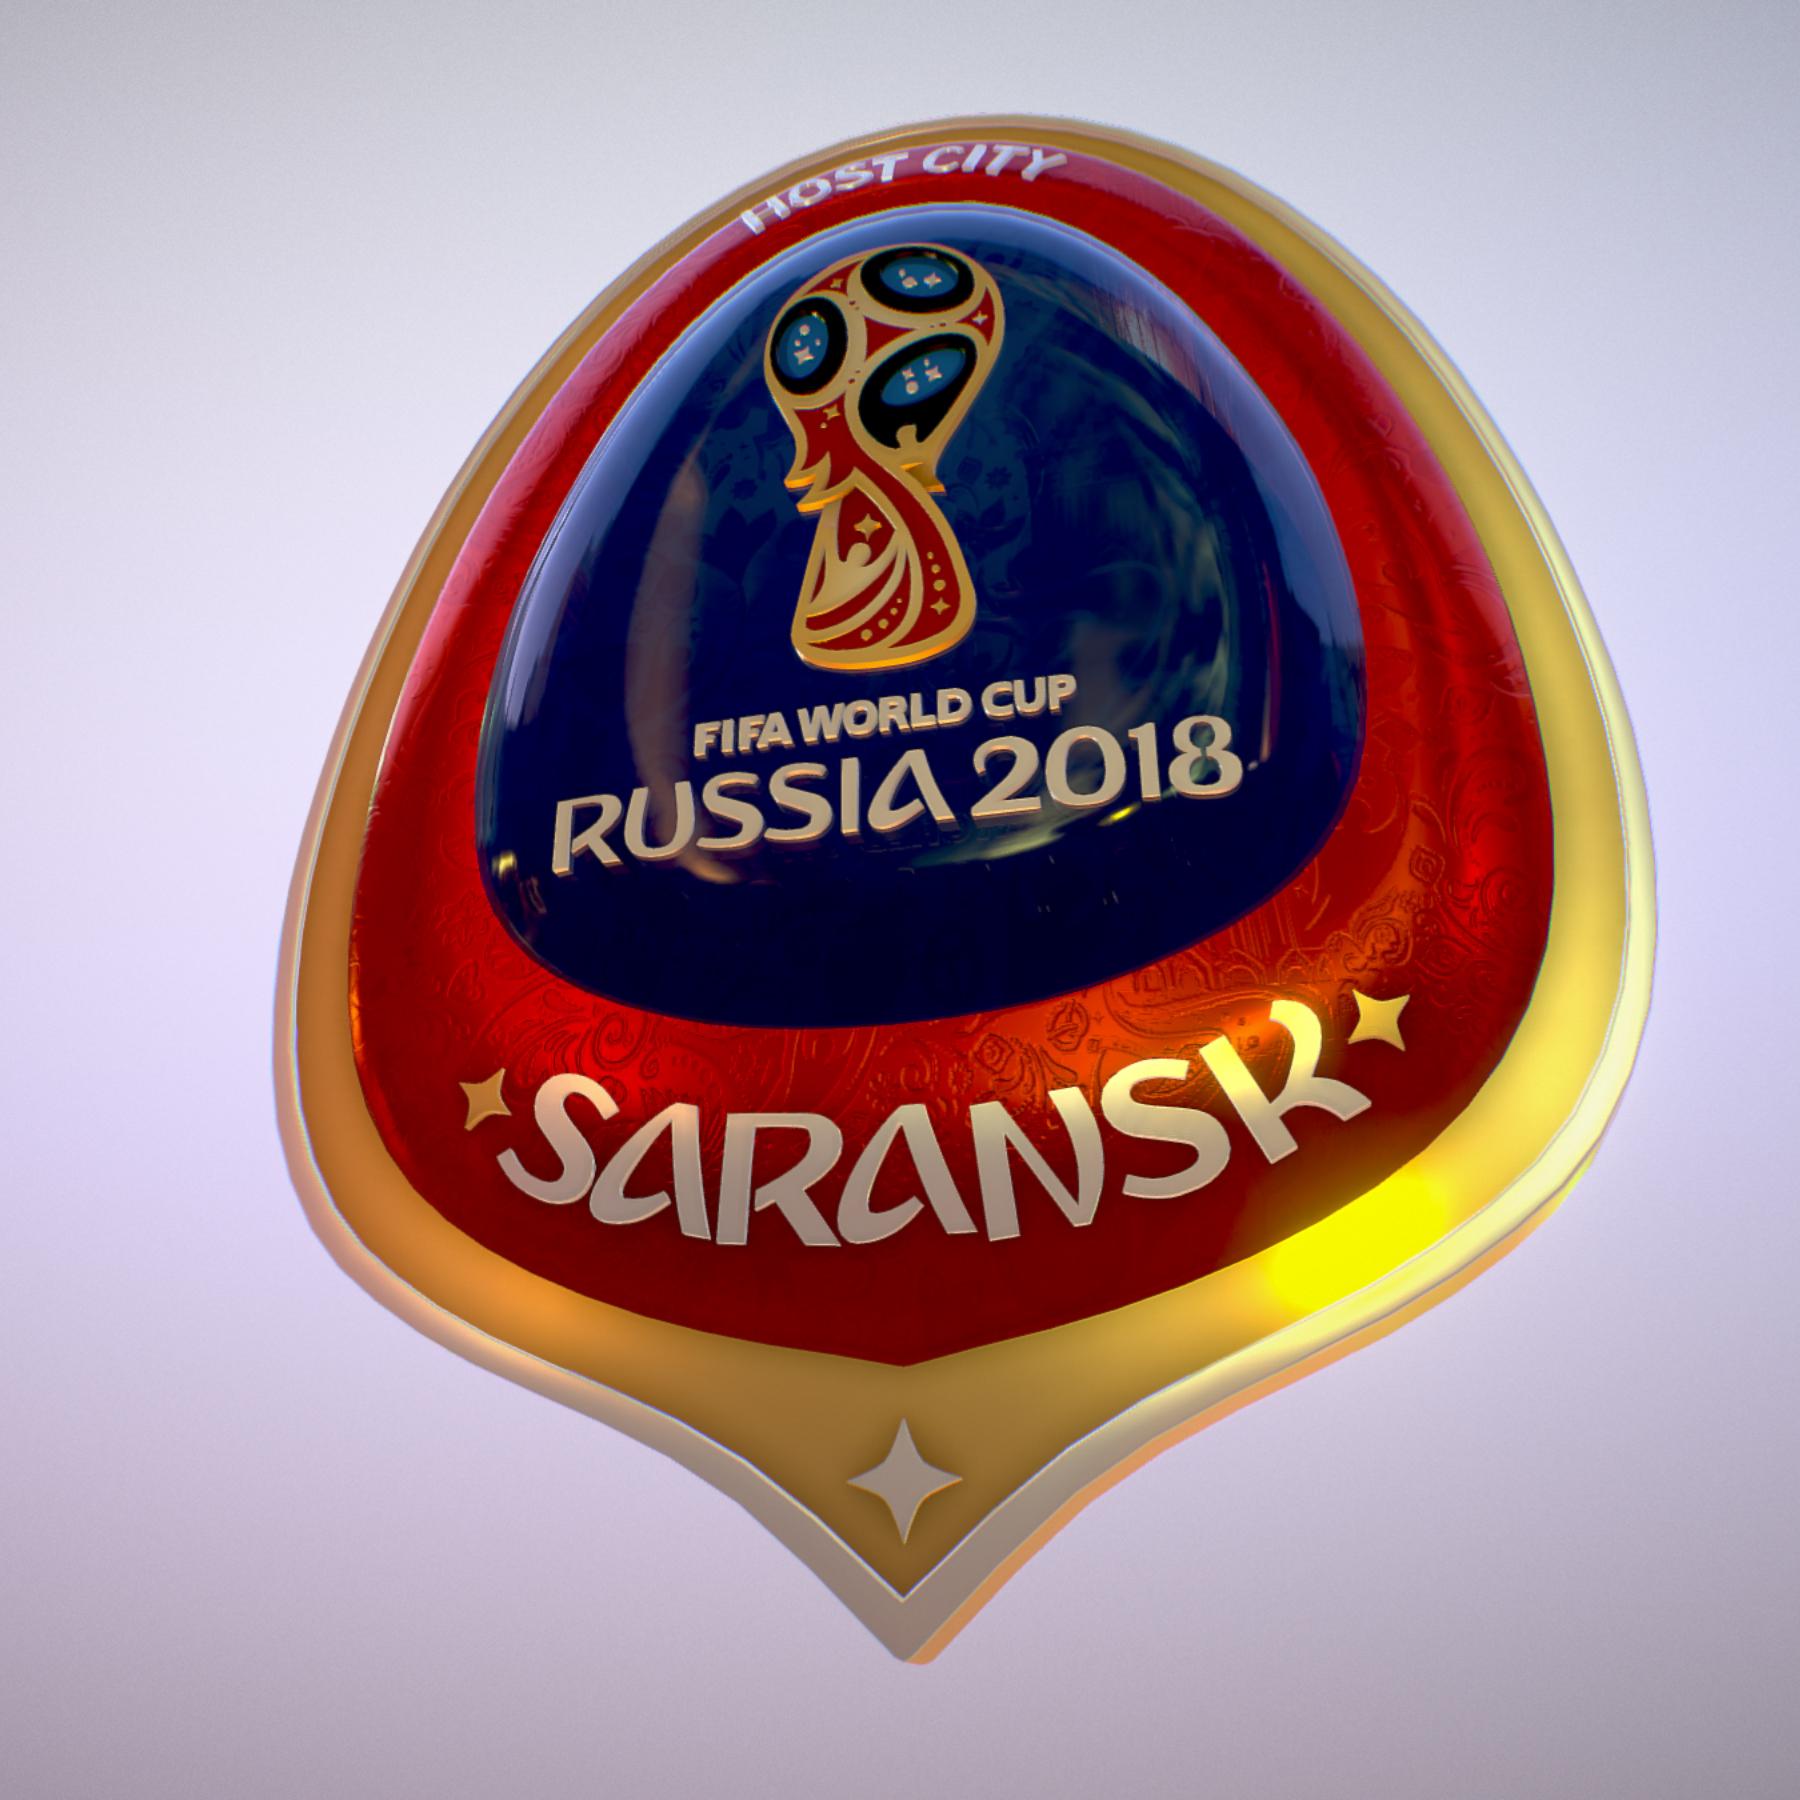 saransk domaćin grad svjetski kup rusija 2018 simbol 3d model max fbx cob jpeg jpg ma mb obj 271841